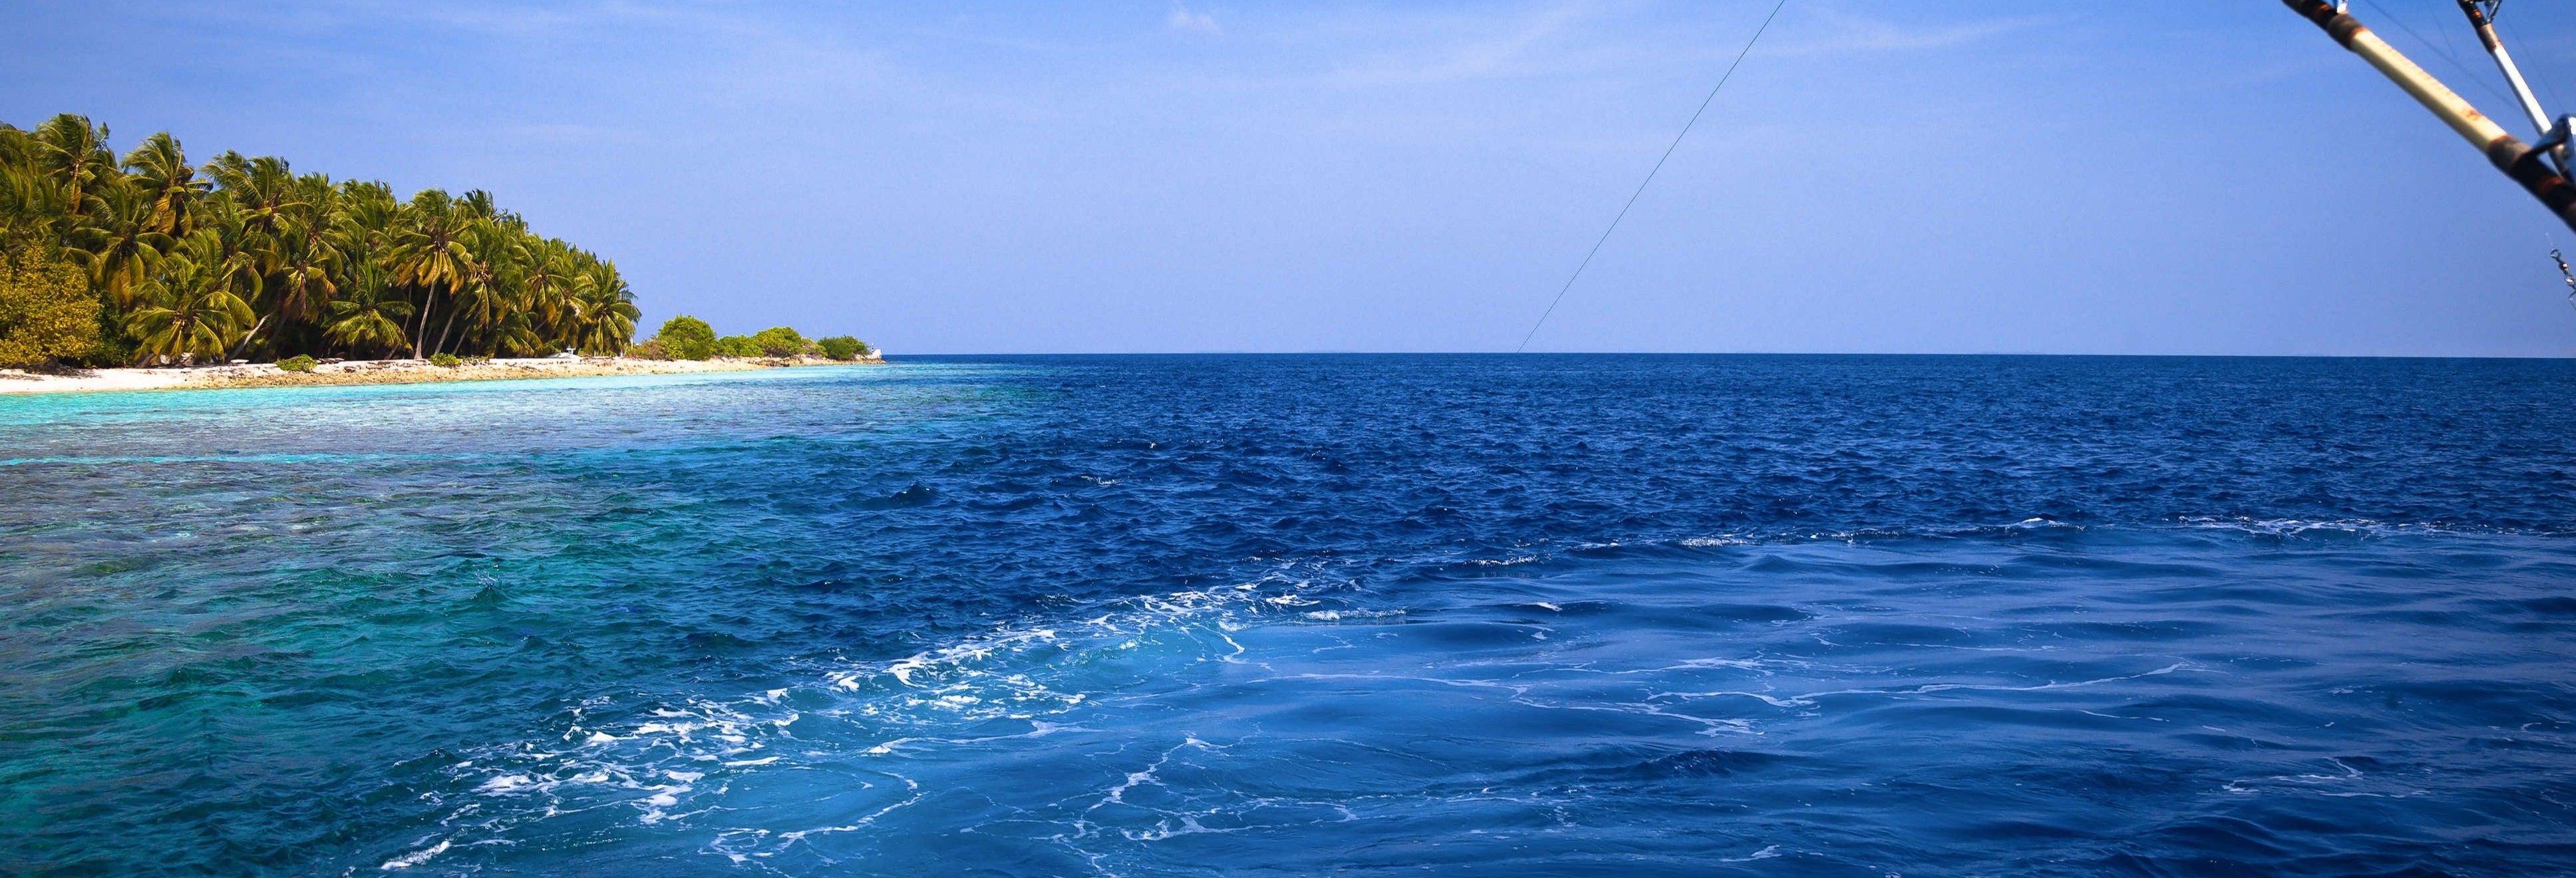 Pesca ao amanhecer ou ao entardecer em Addu